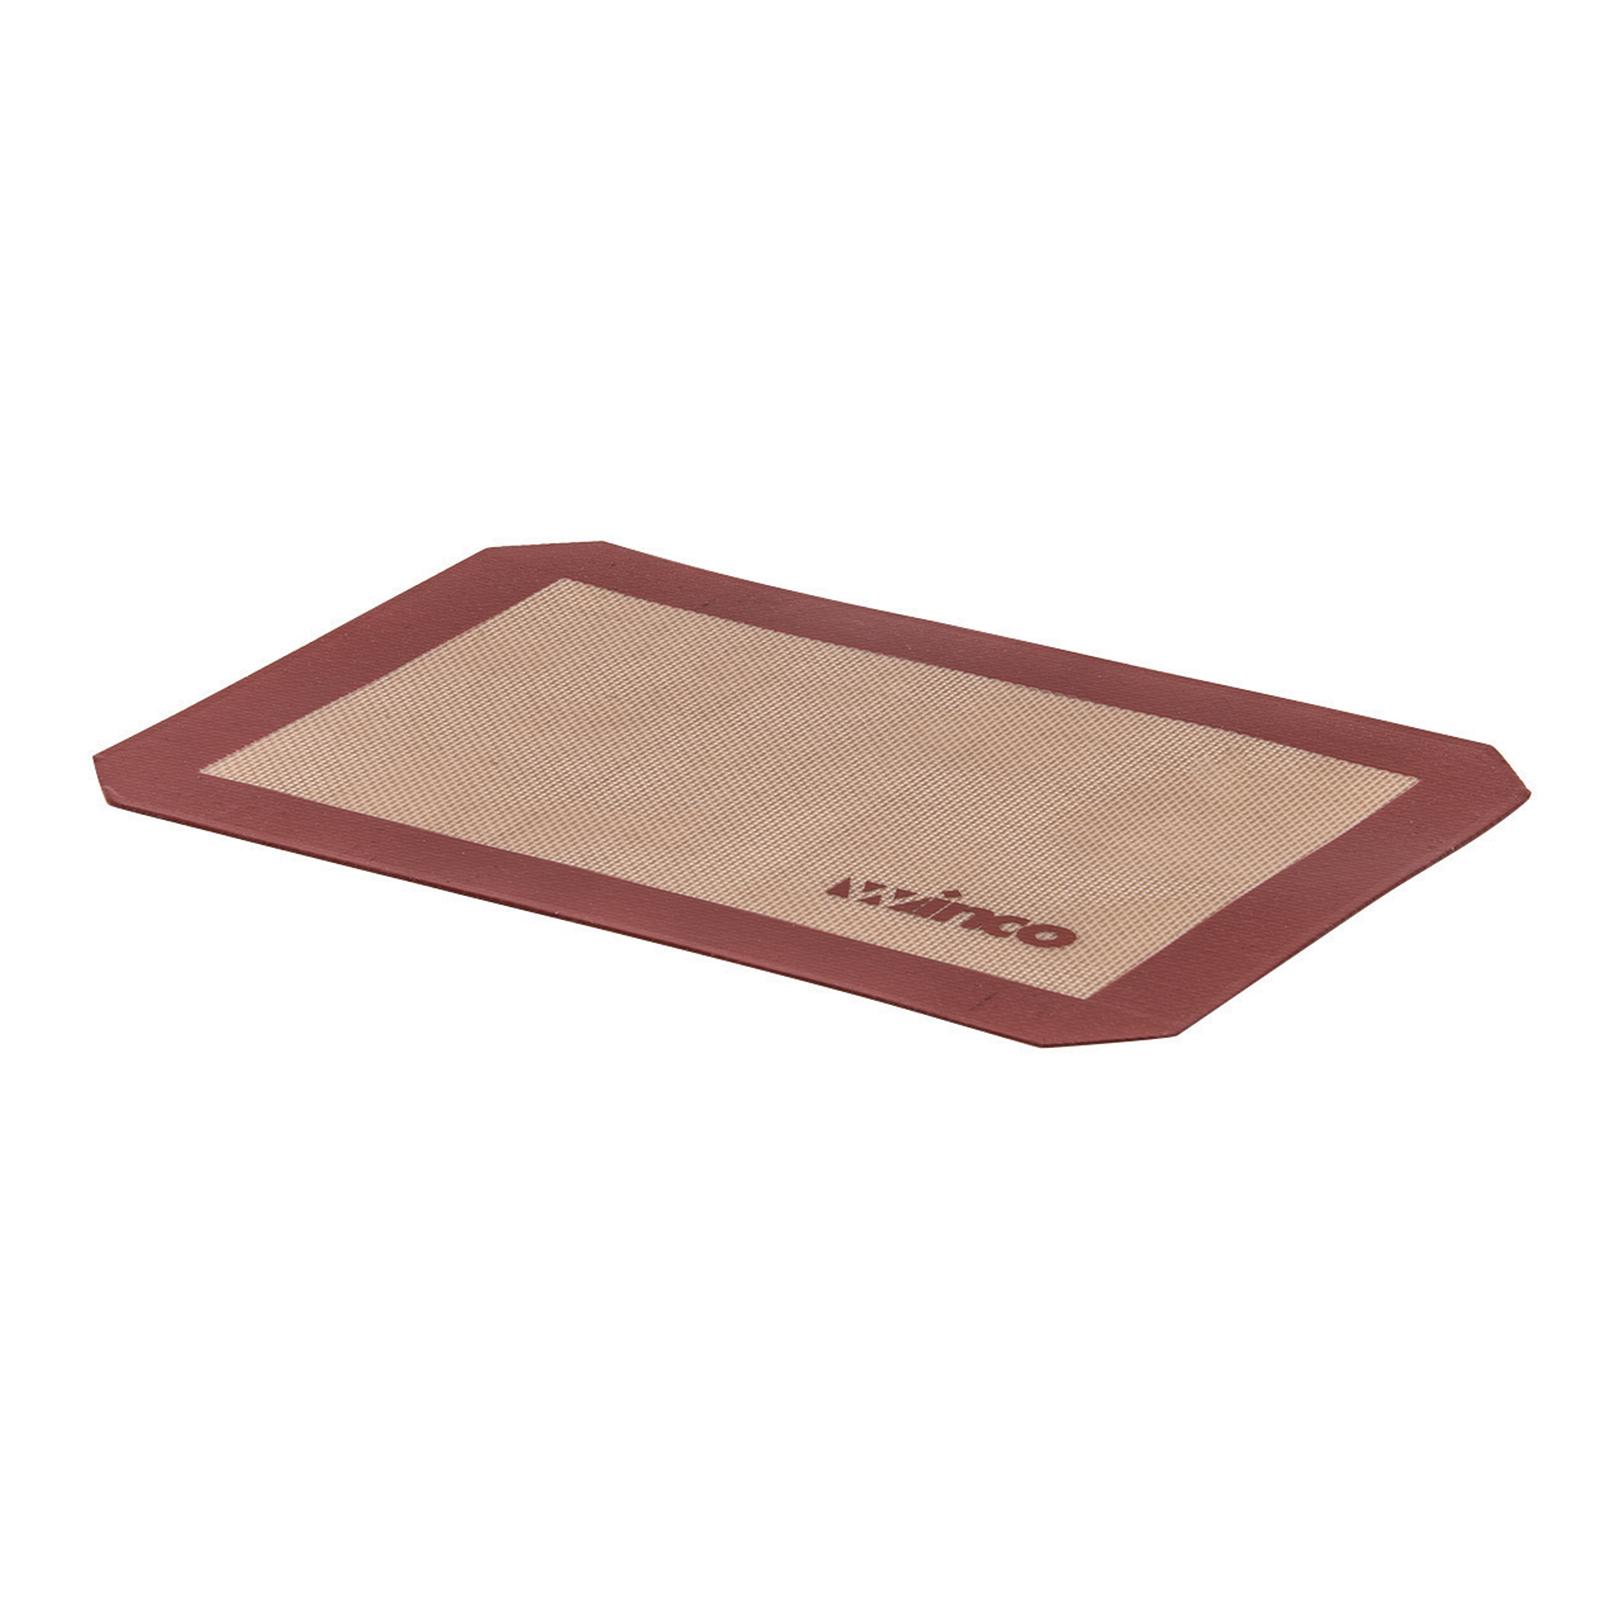 1800-19 Winco SBS-24 baking mat